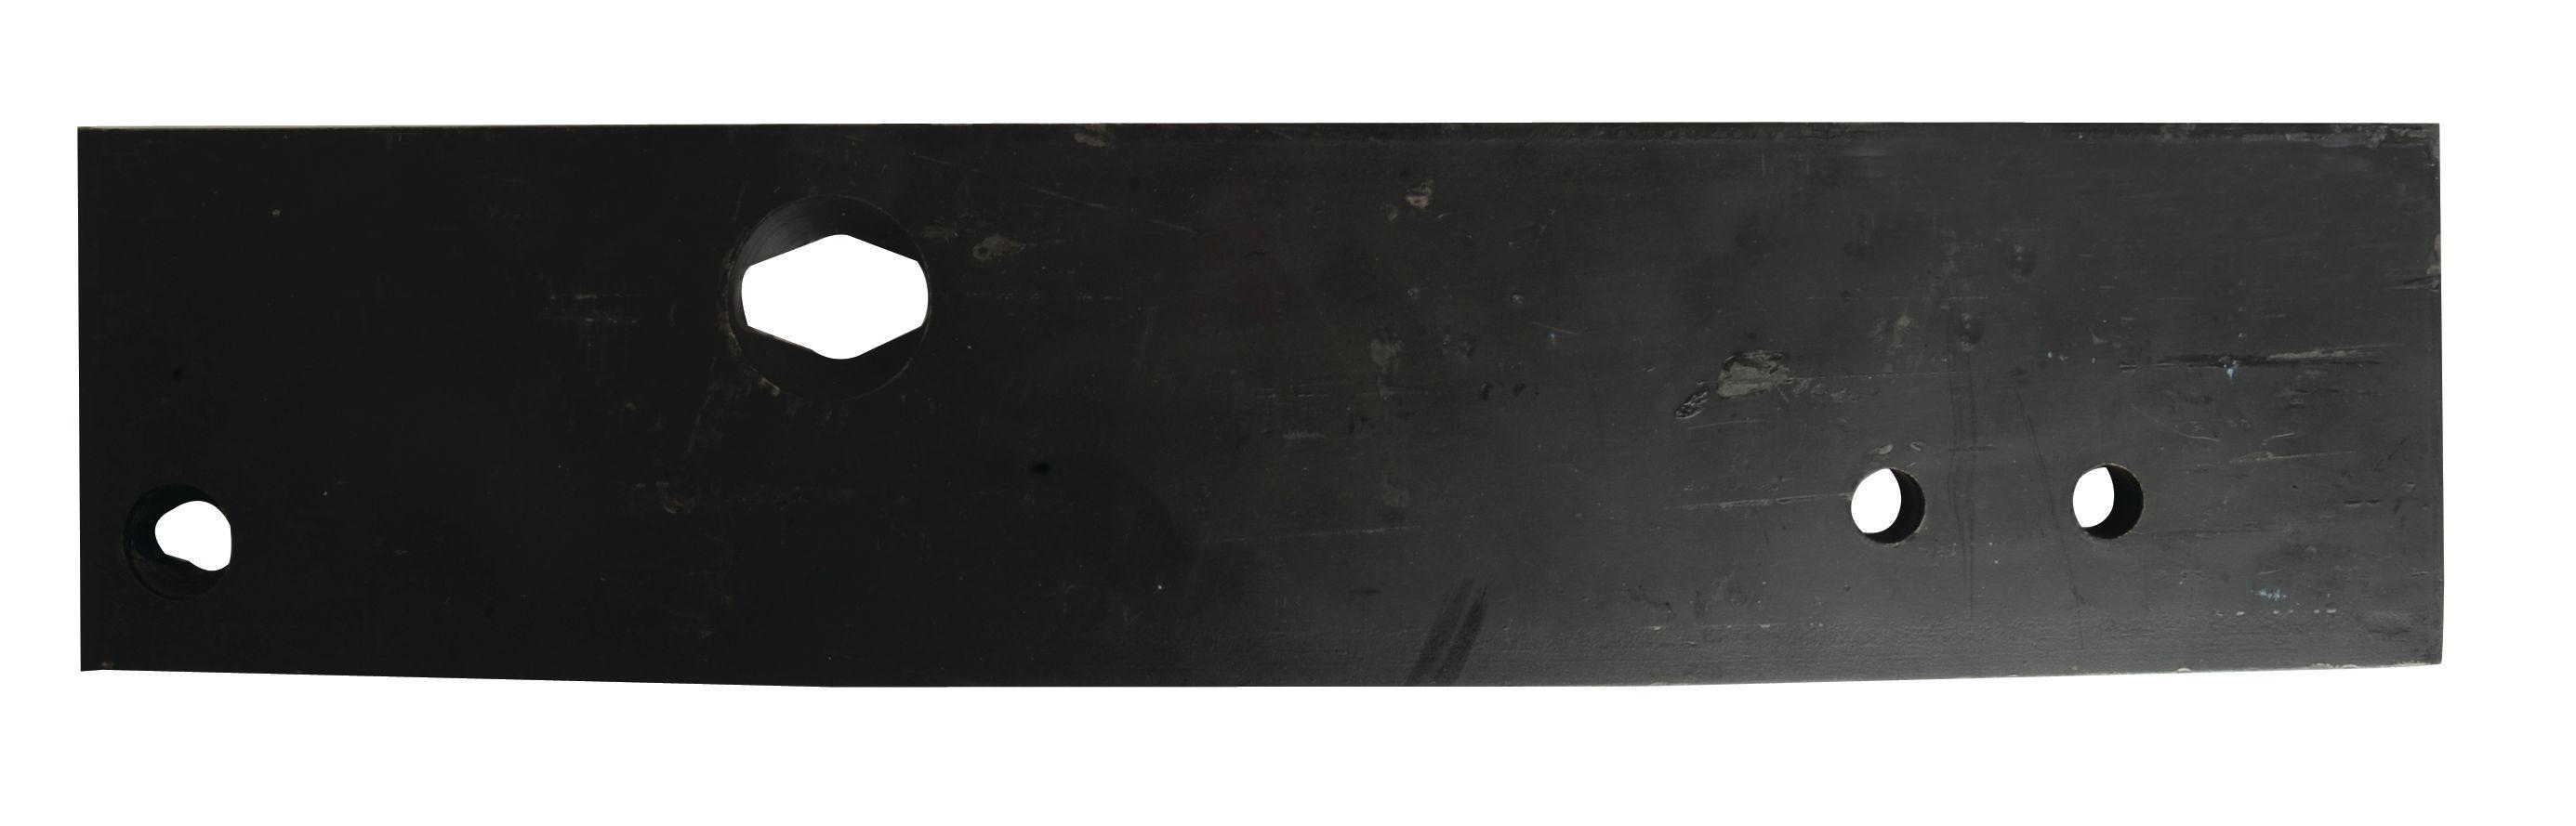 FISKARS LANDSIDE-FISKARS FRONT RH 77427